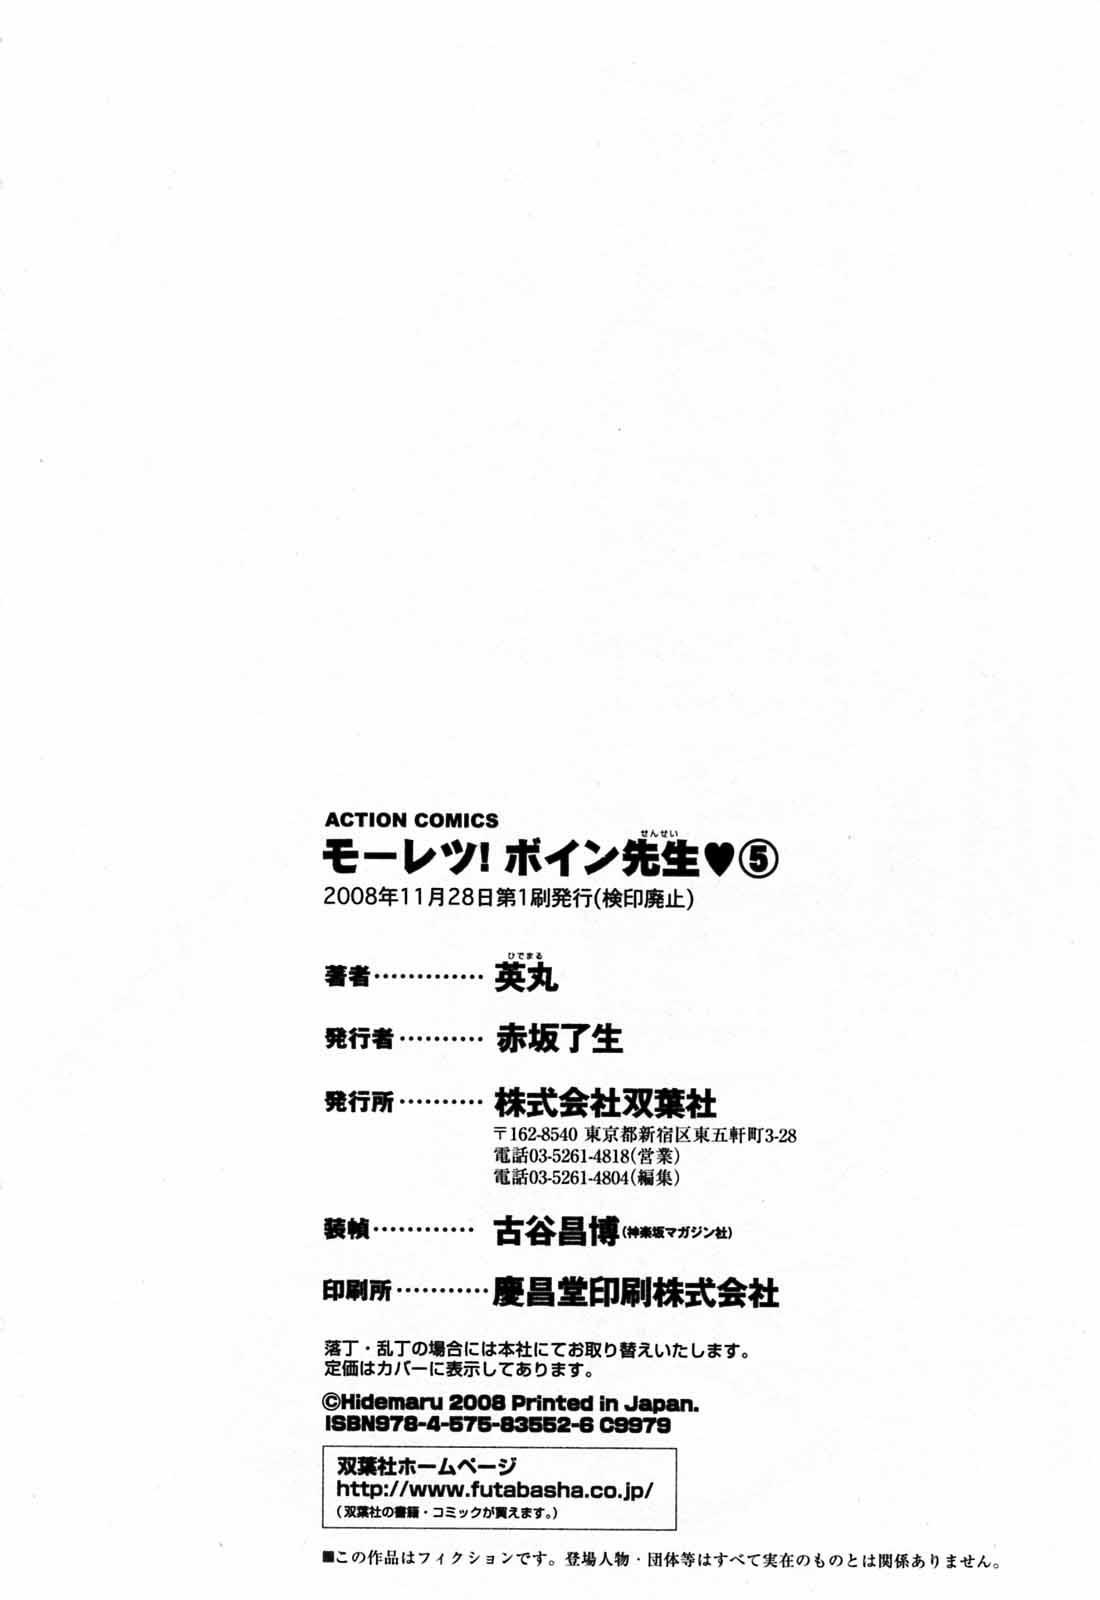 [Hidemaru] Mo-Retsu! Boin Sensei (Boing Boing Teacher) Vol.5 [English] [4dawgz] [Tadanohito] 194